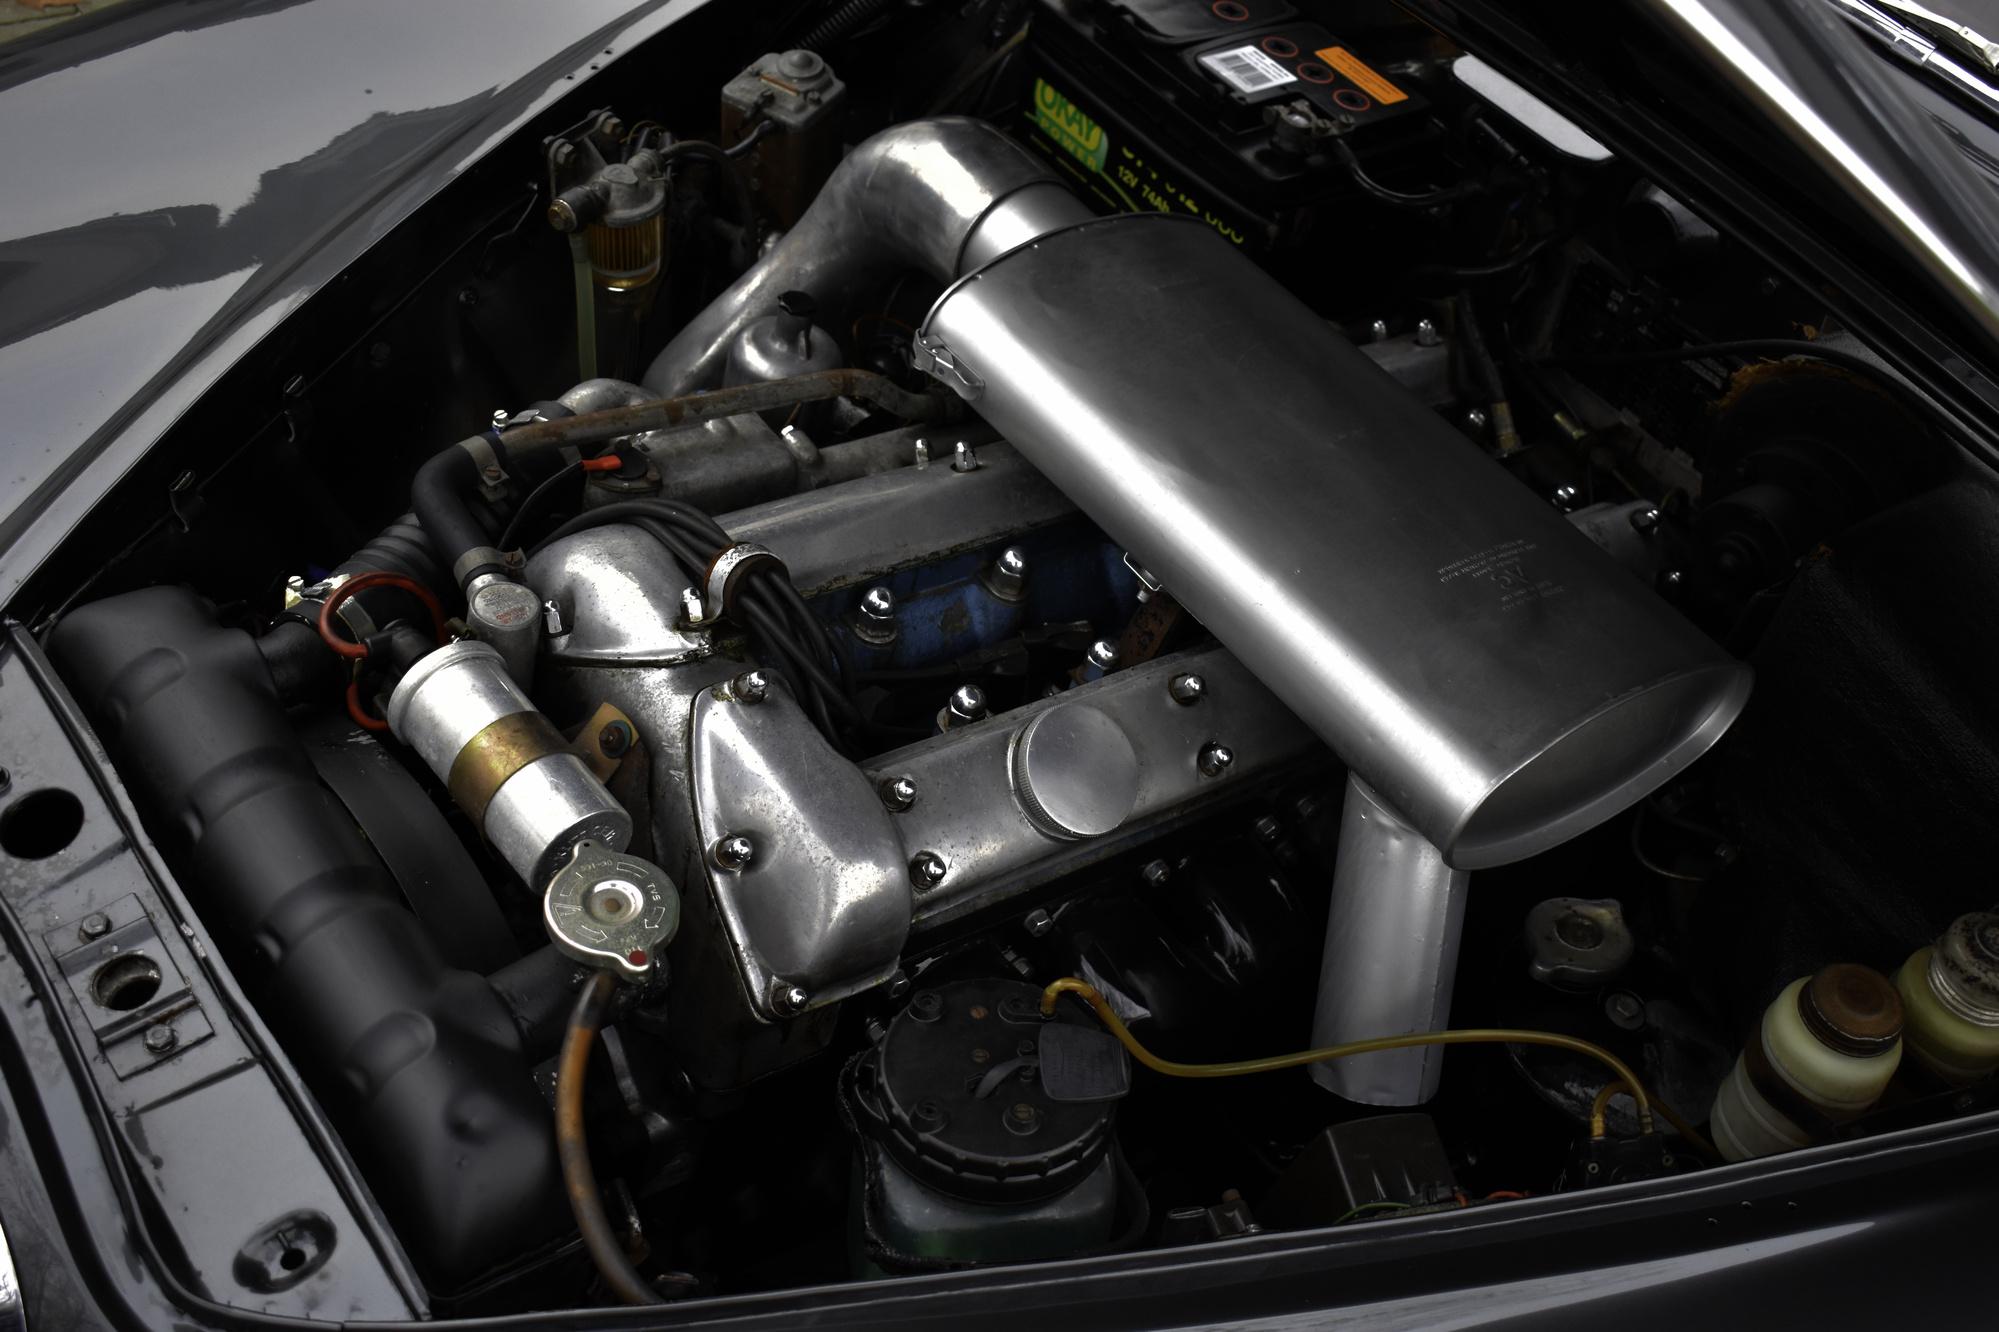 Motorraum eines dunkelgrauen 1966 Jaguar S-Type 3.8 Liter Oldtimer Veteranenfahrzeug mit offener Motorhaube